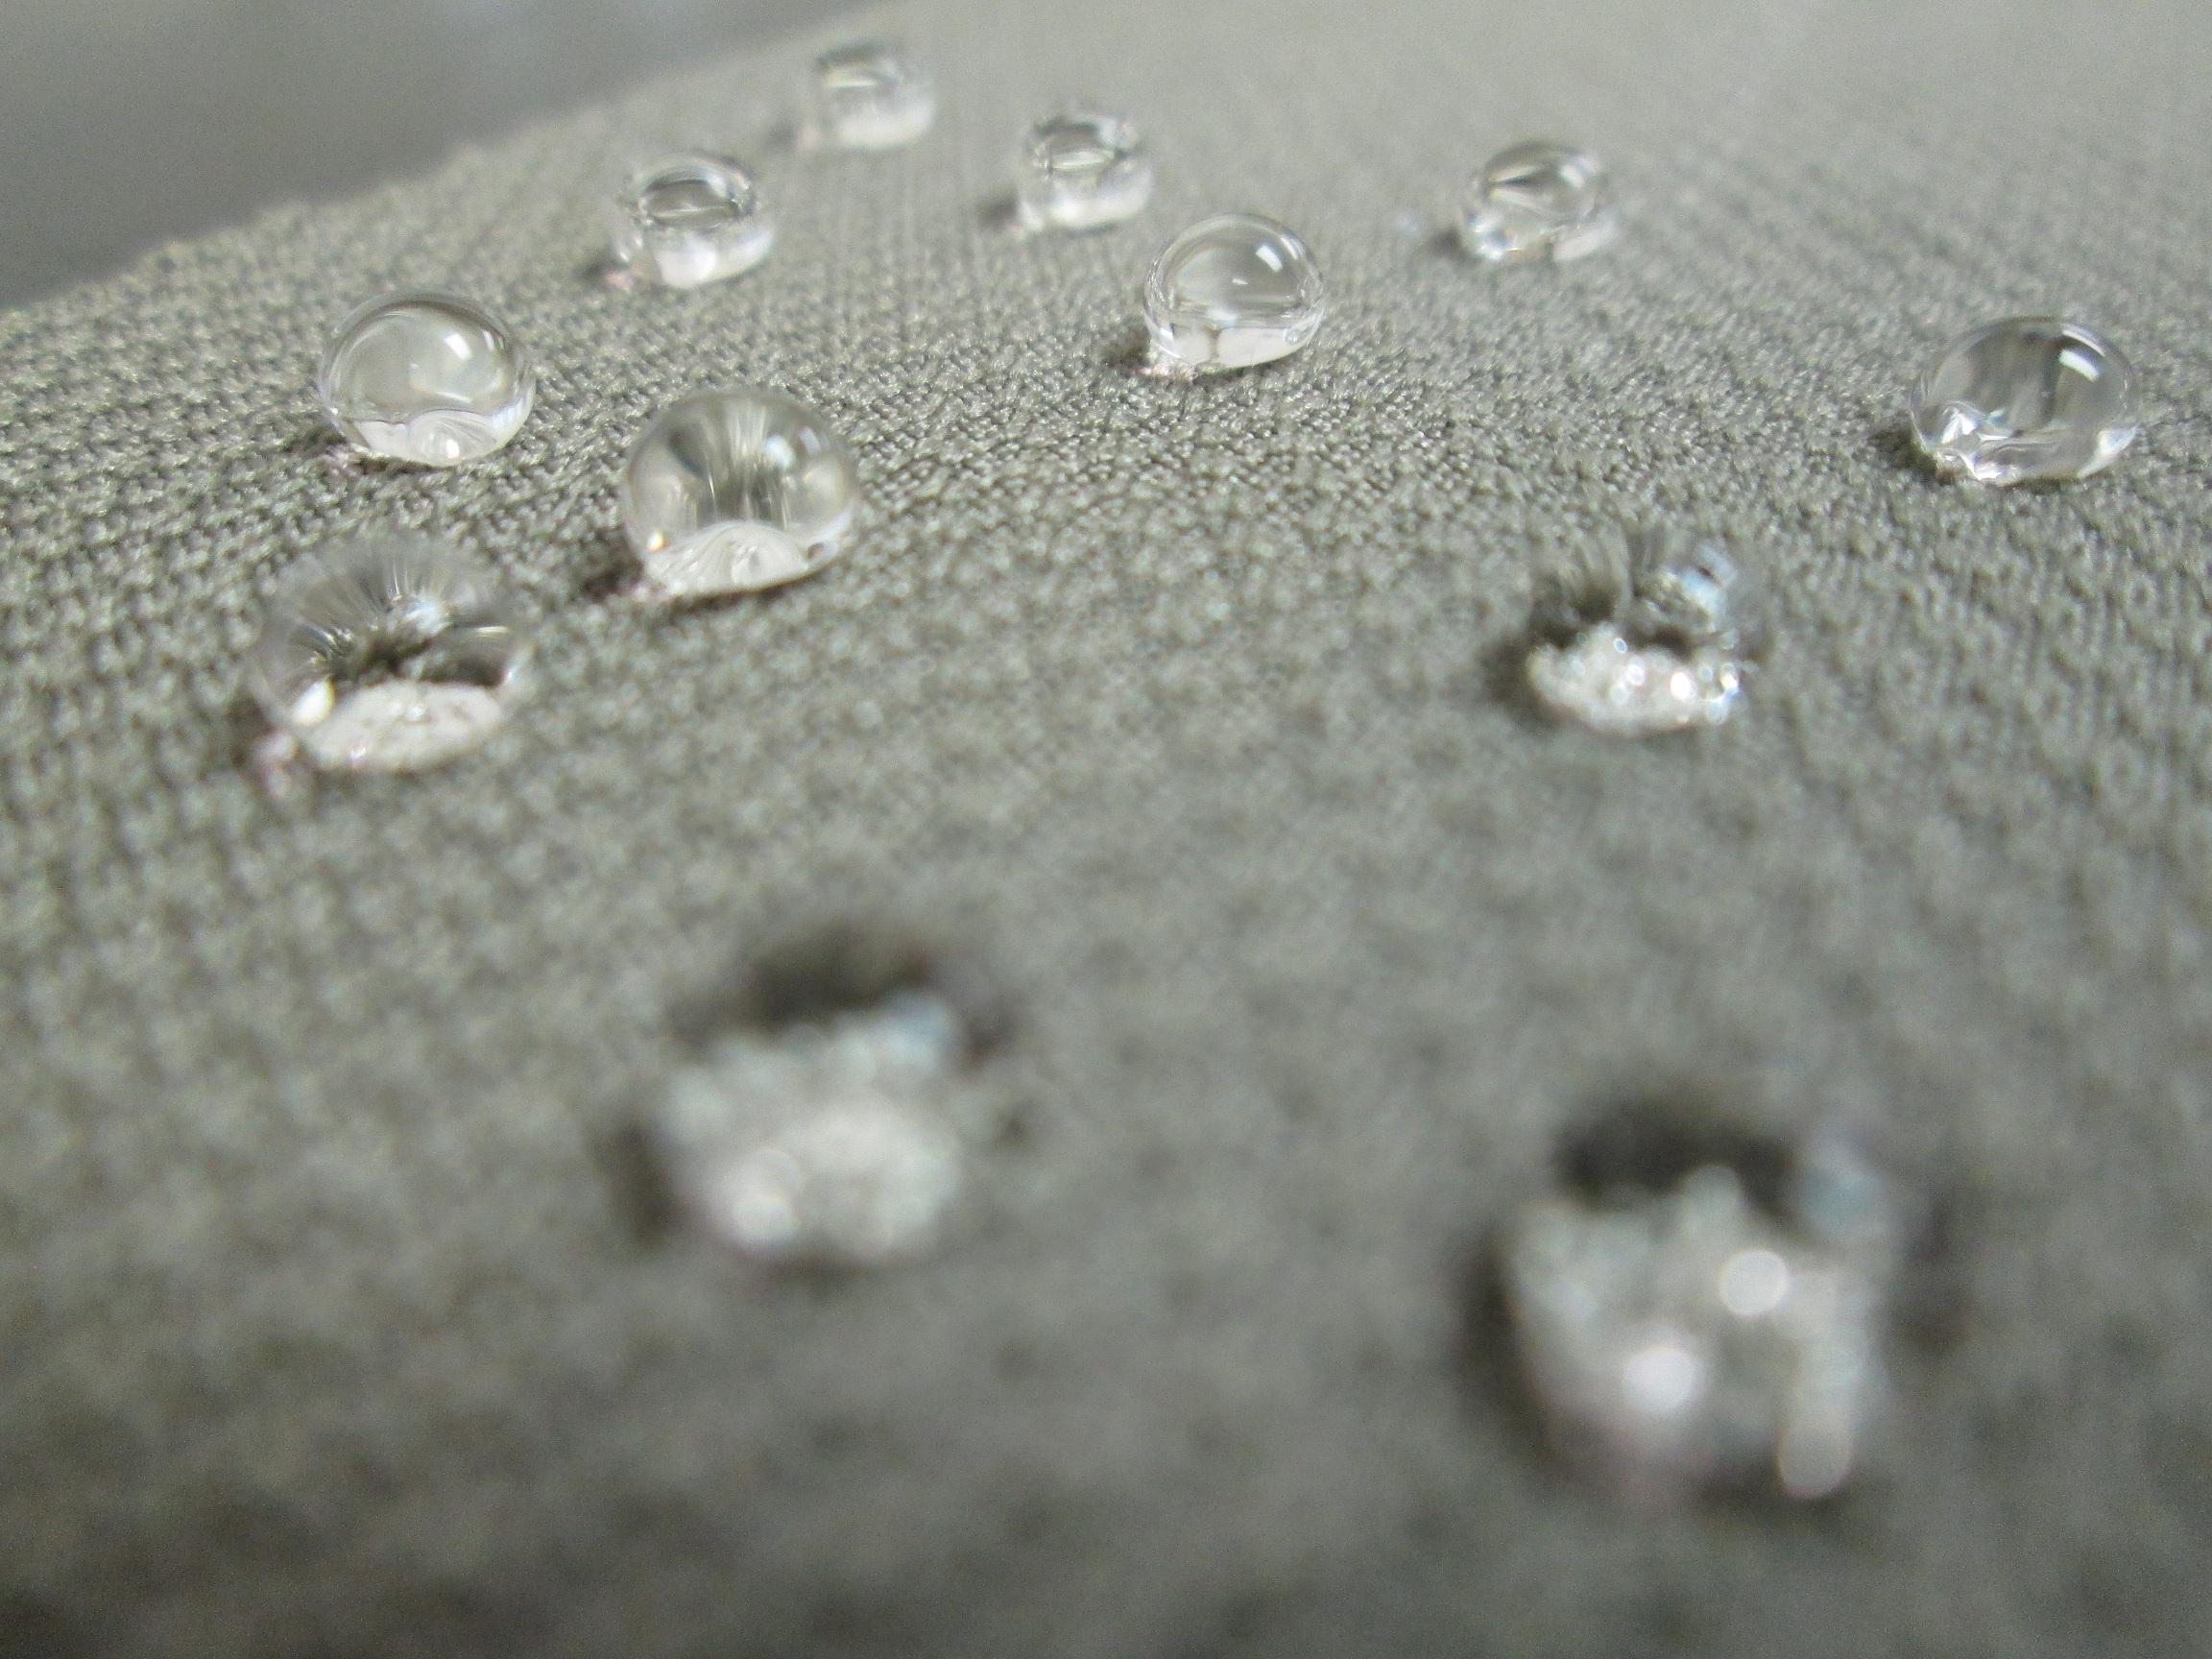 Kabát szövetek - Vízlepergető textilek - 63 termék  84c5e12810